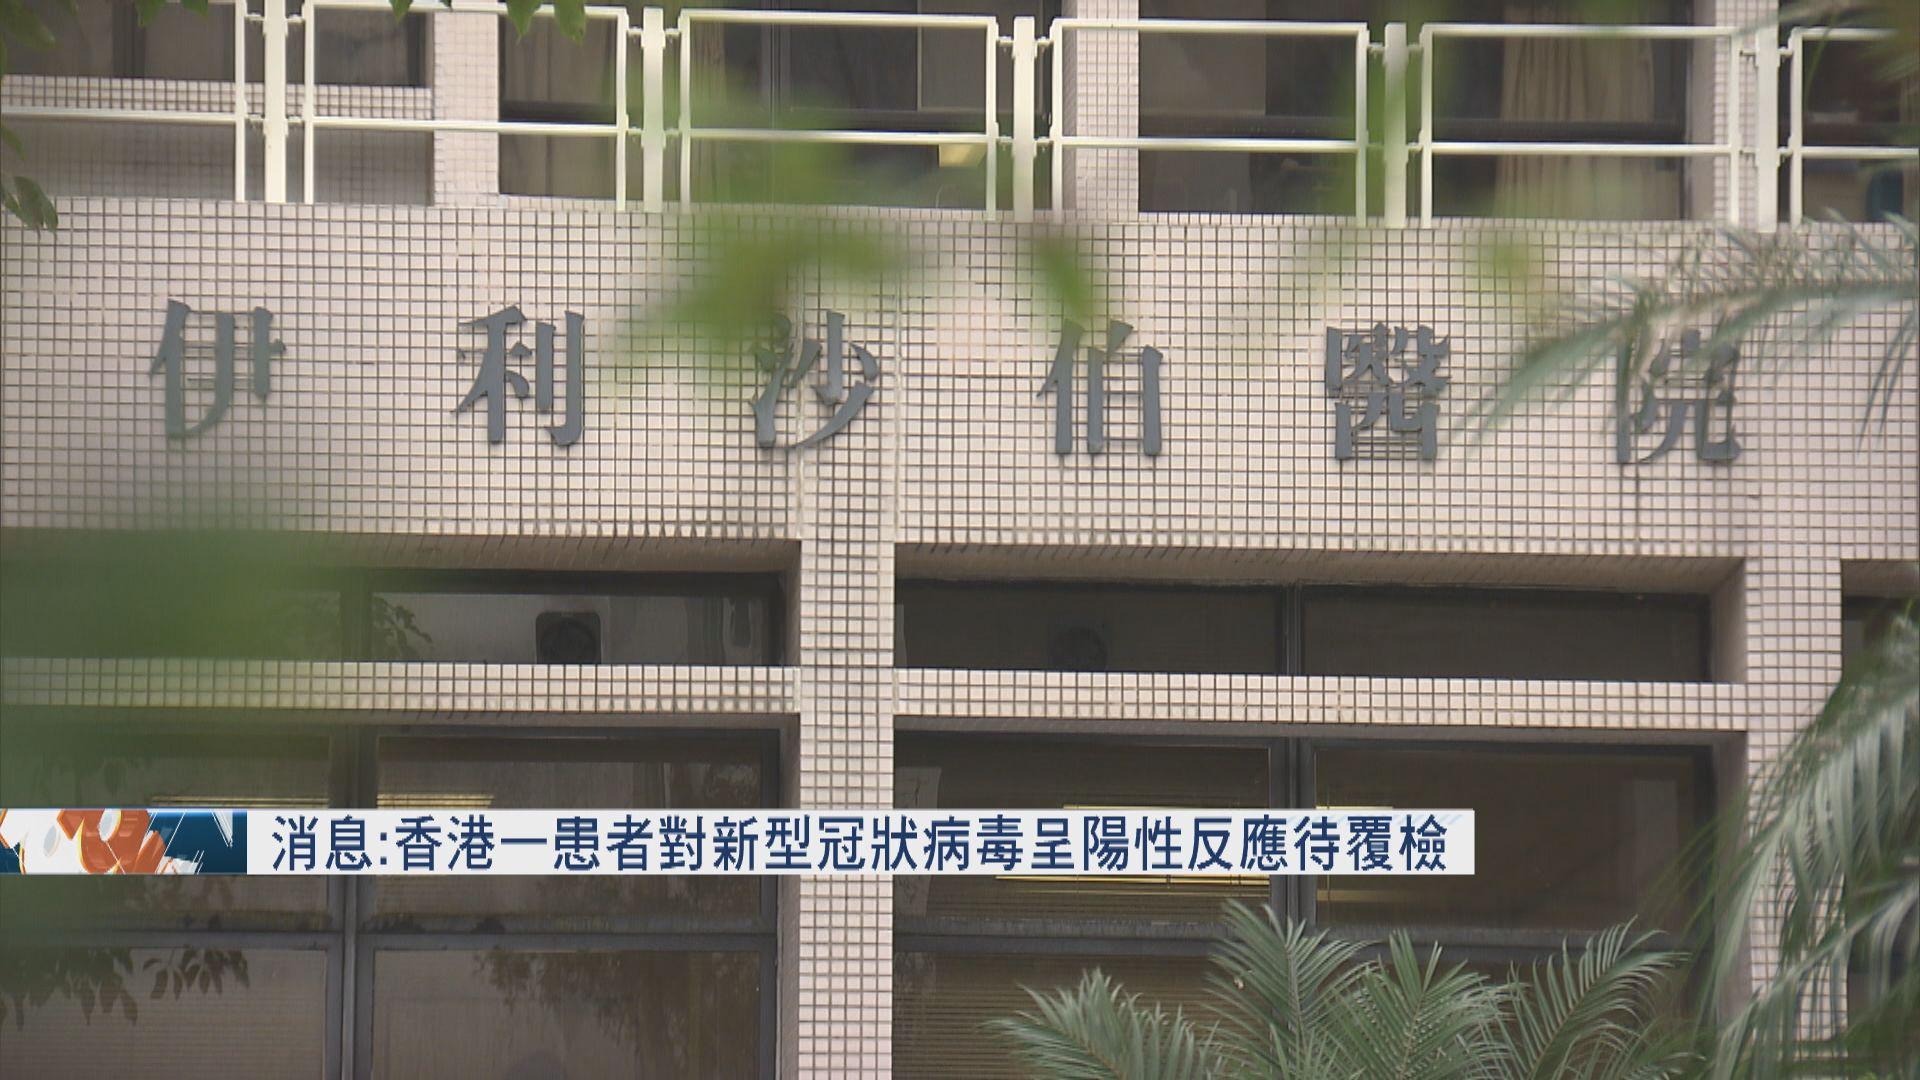 消息:香港一患者對新型冠狀病毒呈陽性反應待覆檢